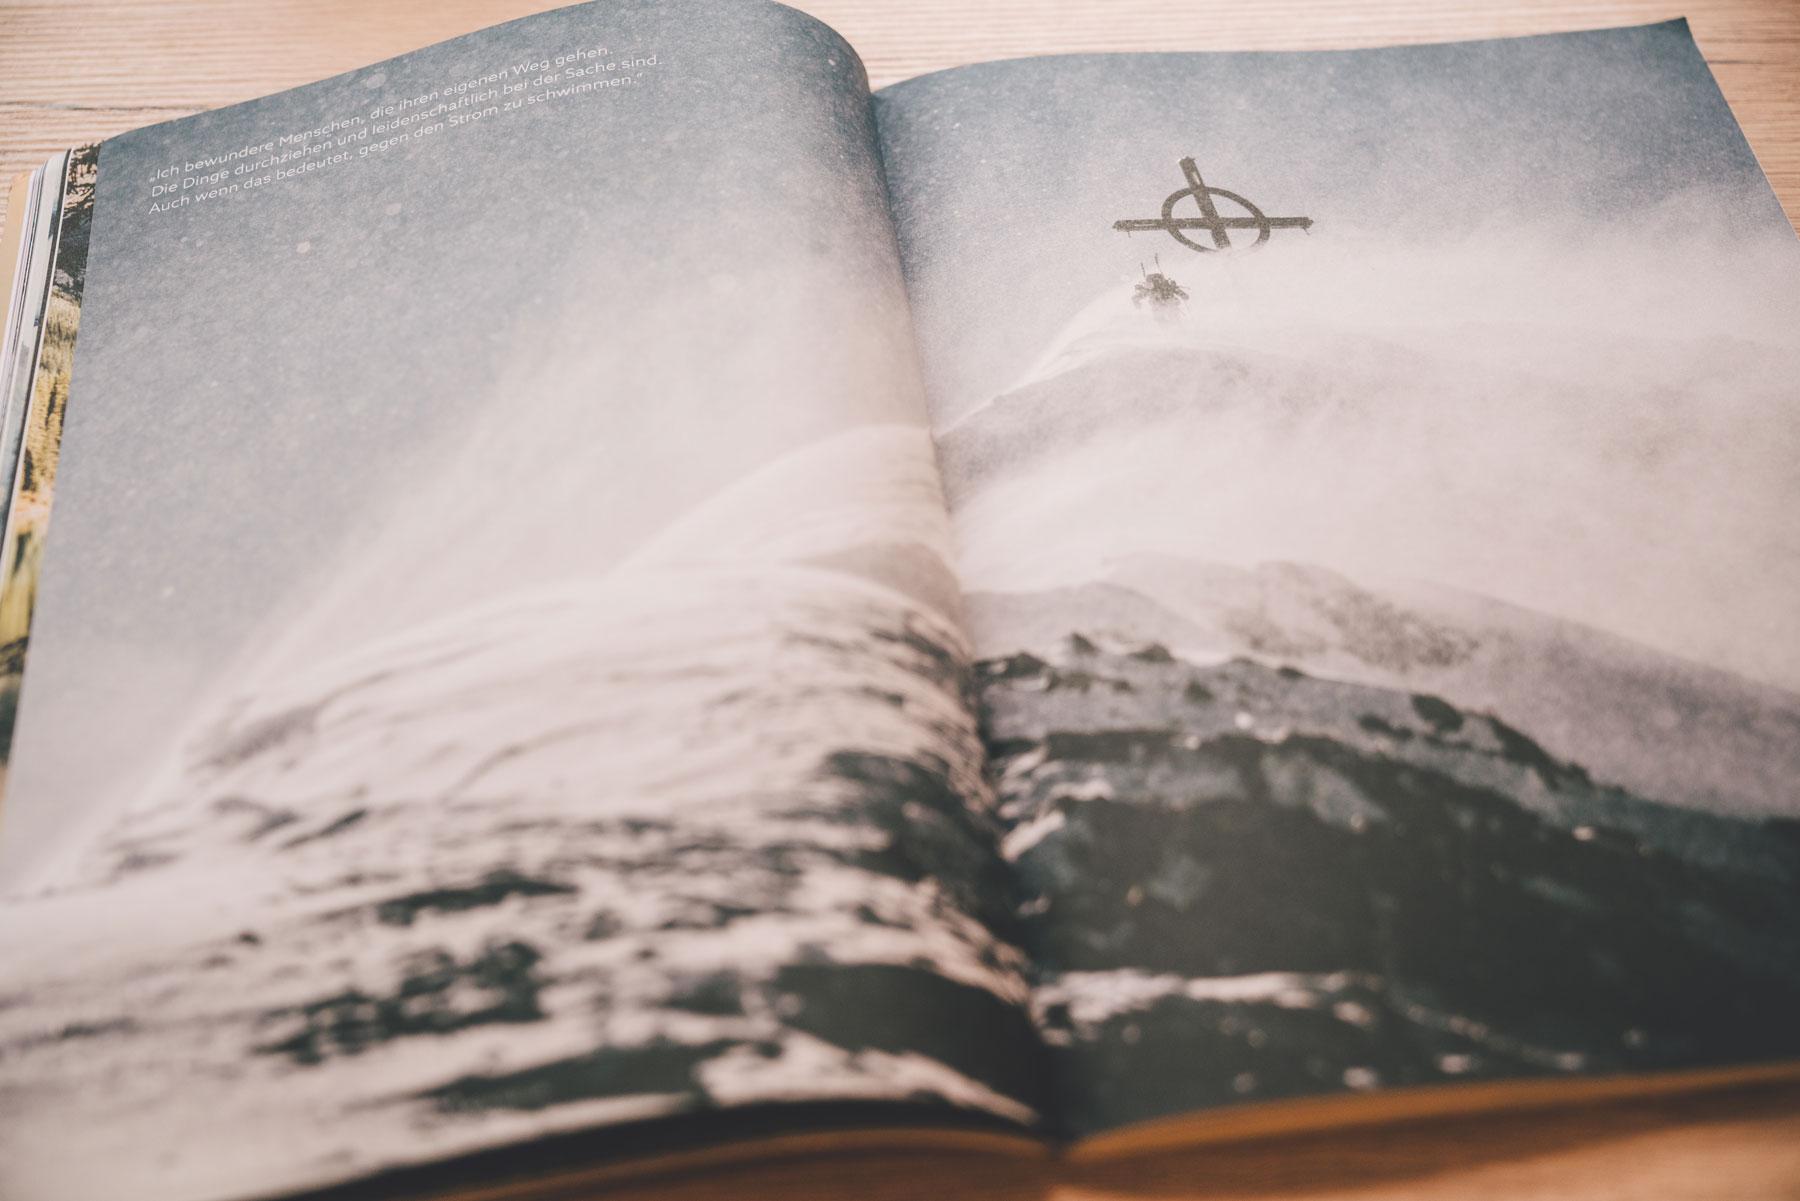 RomanKoenigshofer_WavesAndWoods_Magazine_Surf_Outdoor_Travel_Interview_Photographer_DSC04766